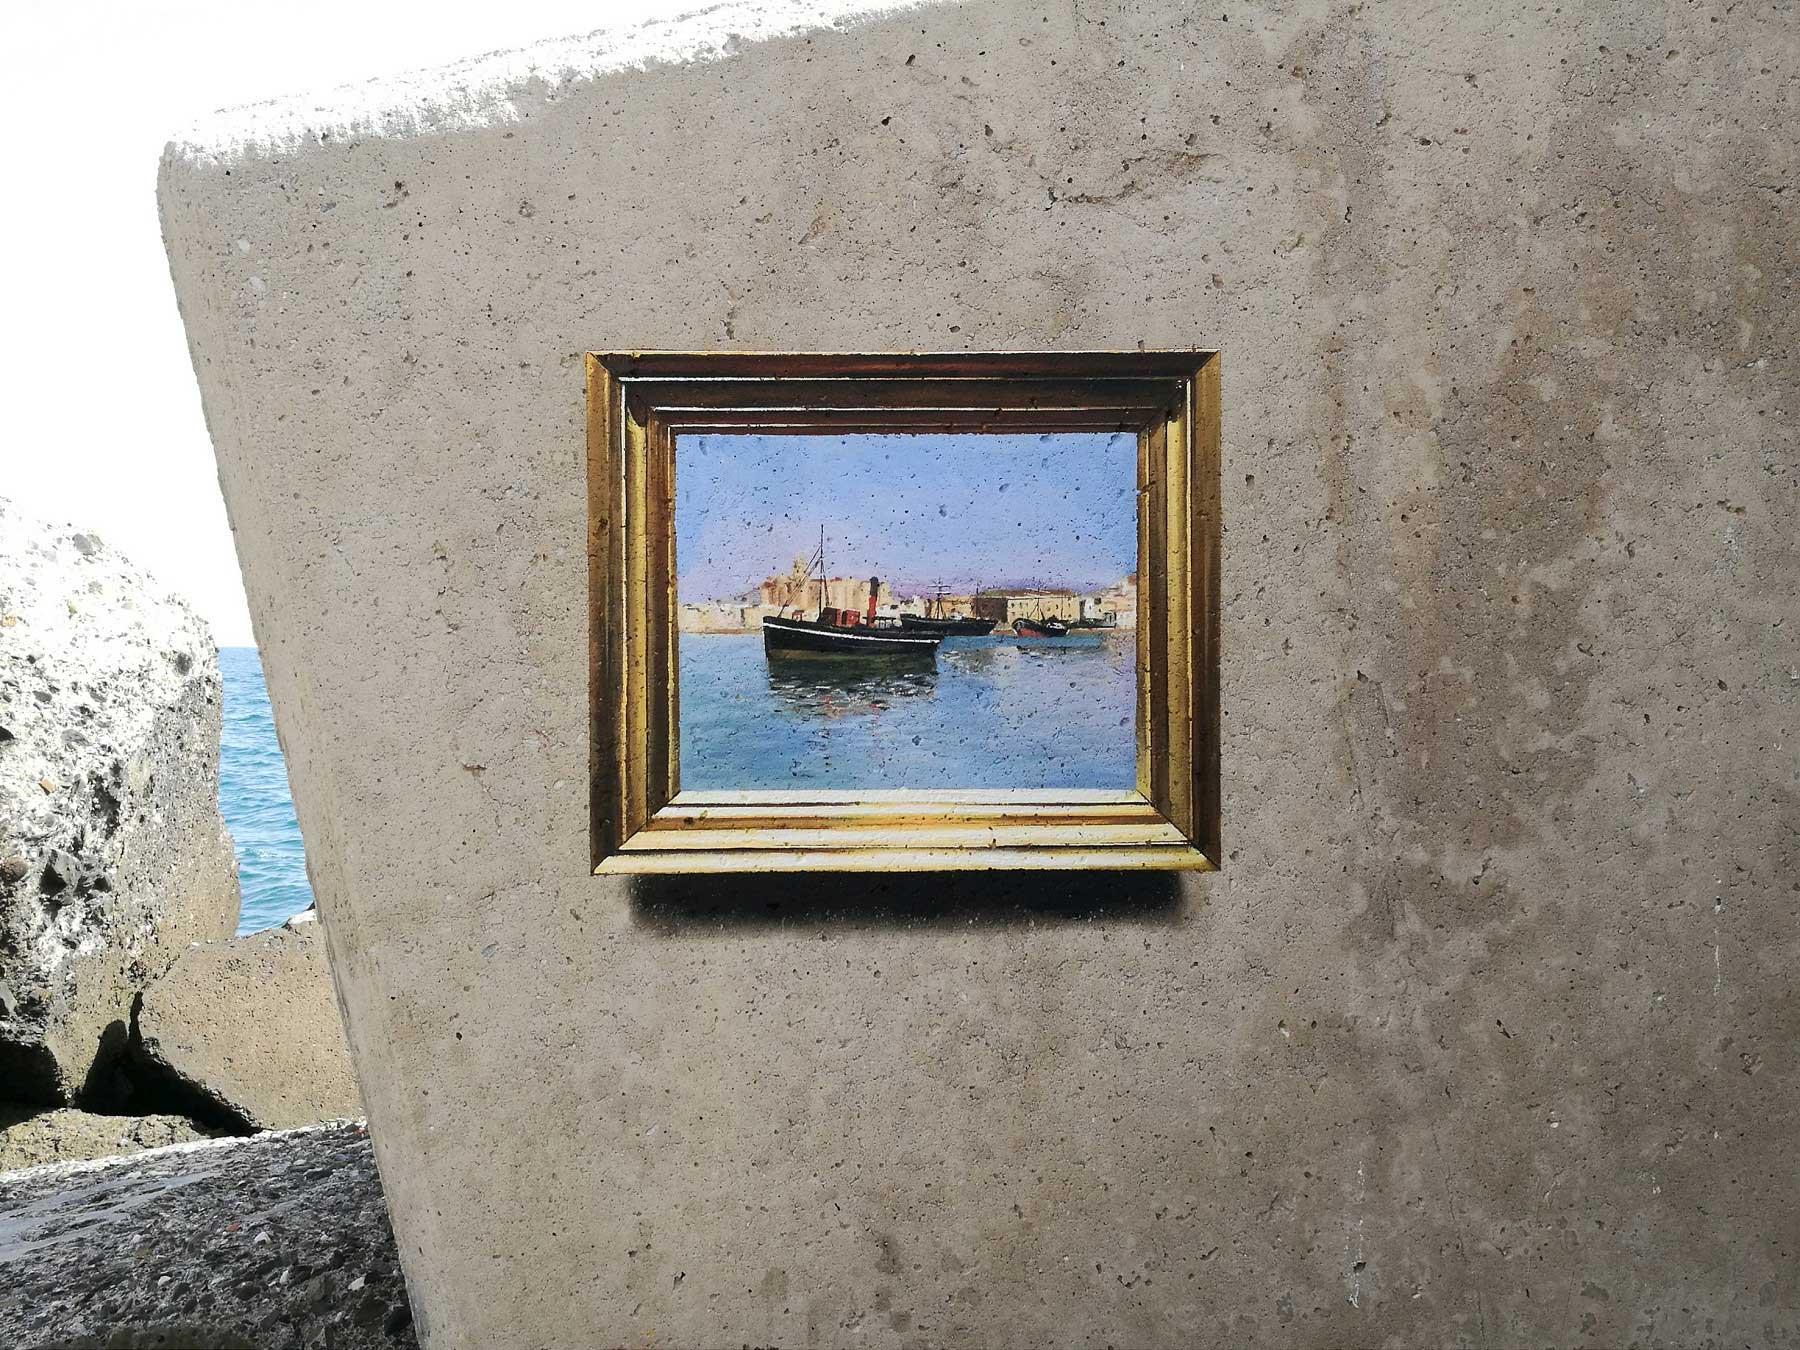 Realistische Abbilder klassischer Gemälde an öffentliche Wände gemalt